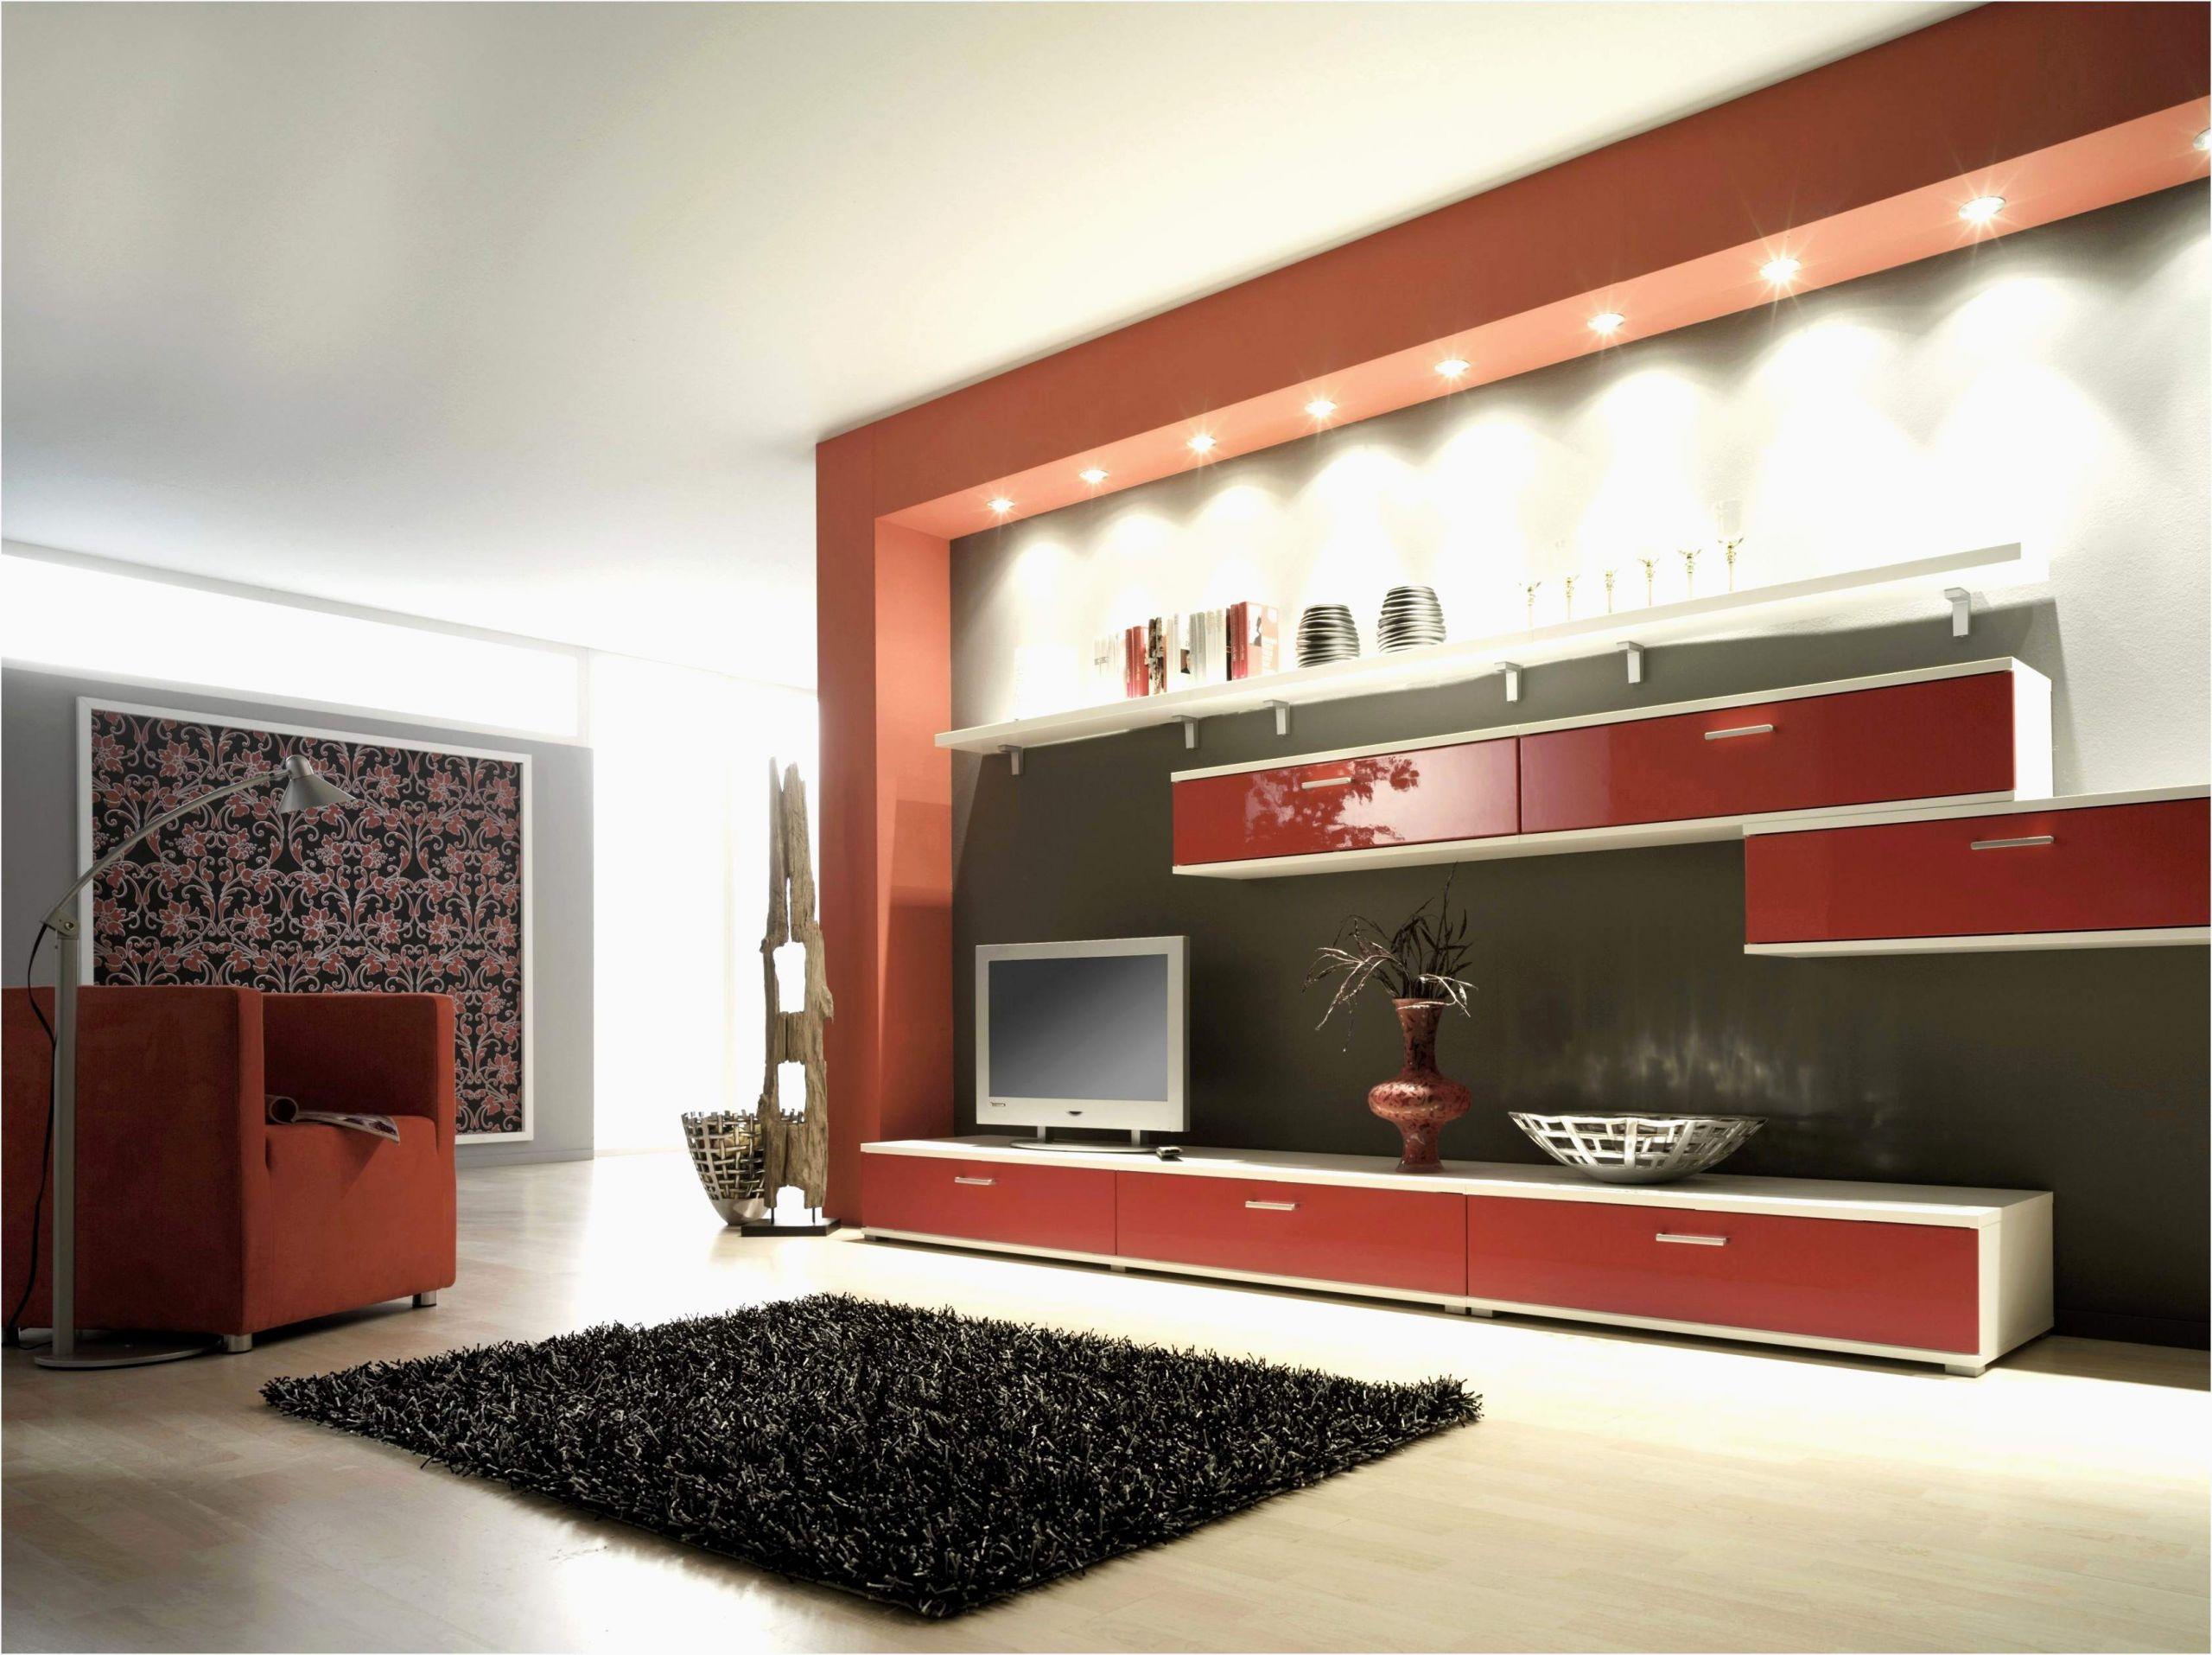 wandmalerei wohnzimmer reizend lampen wohnzimmer inspirierend nachttischlampe wand 0d of wandmalerei wohnzimmer scaled